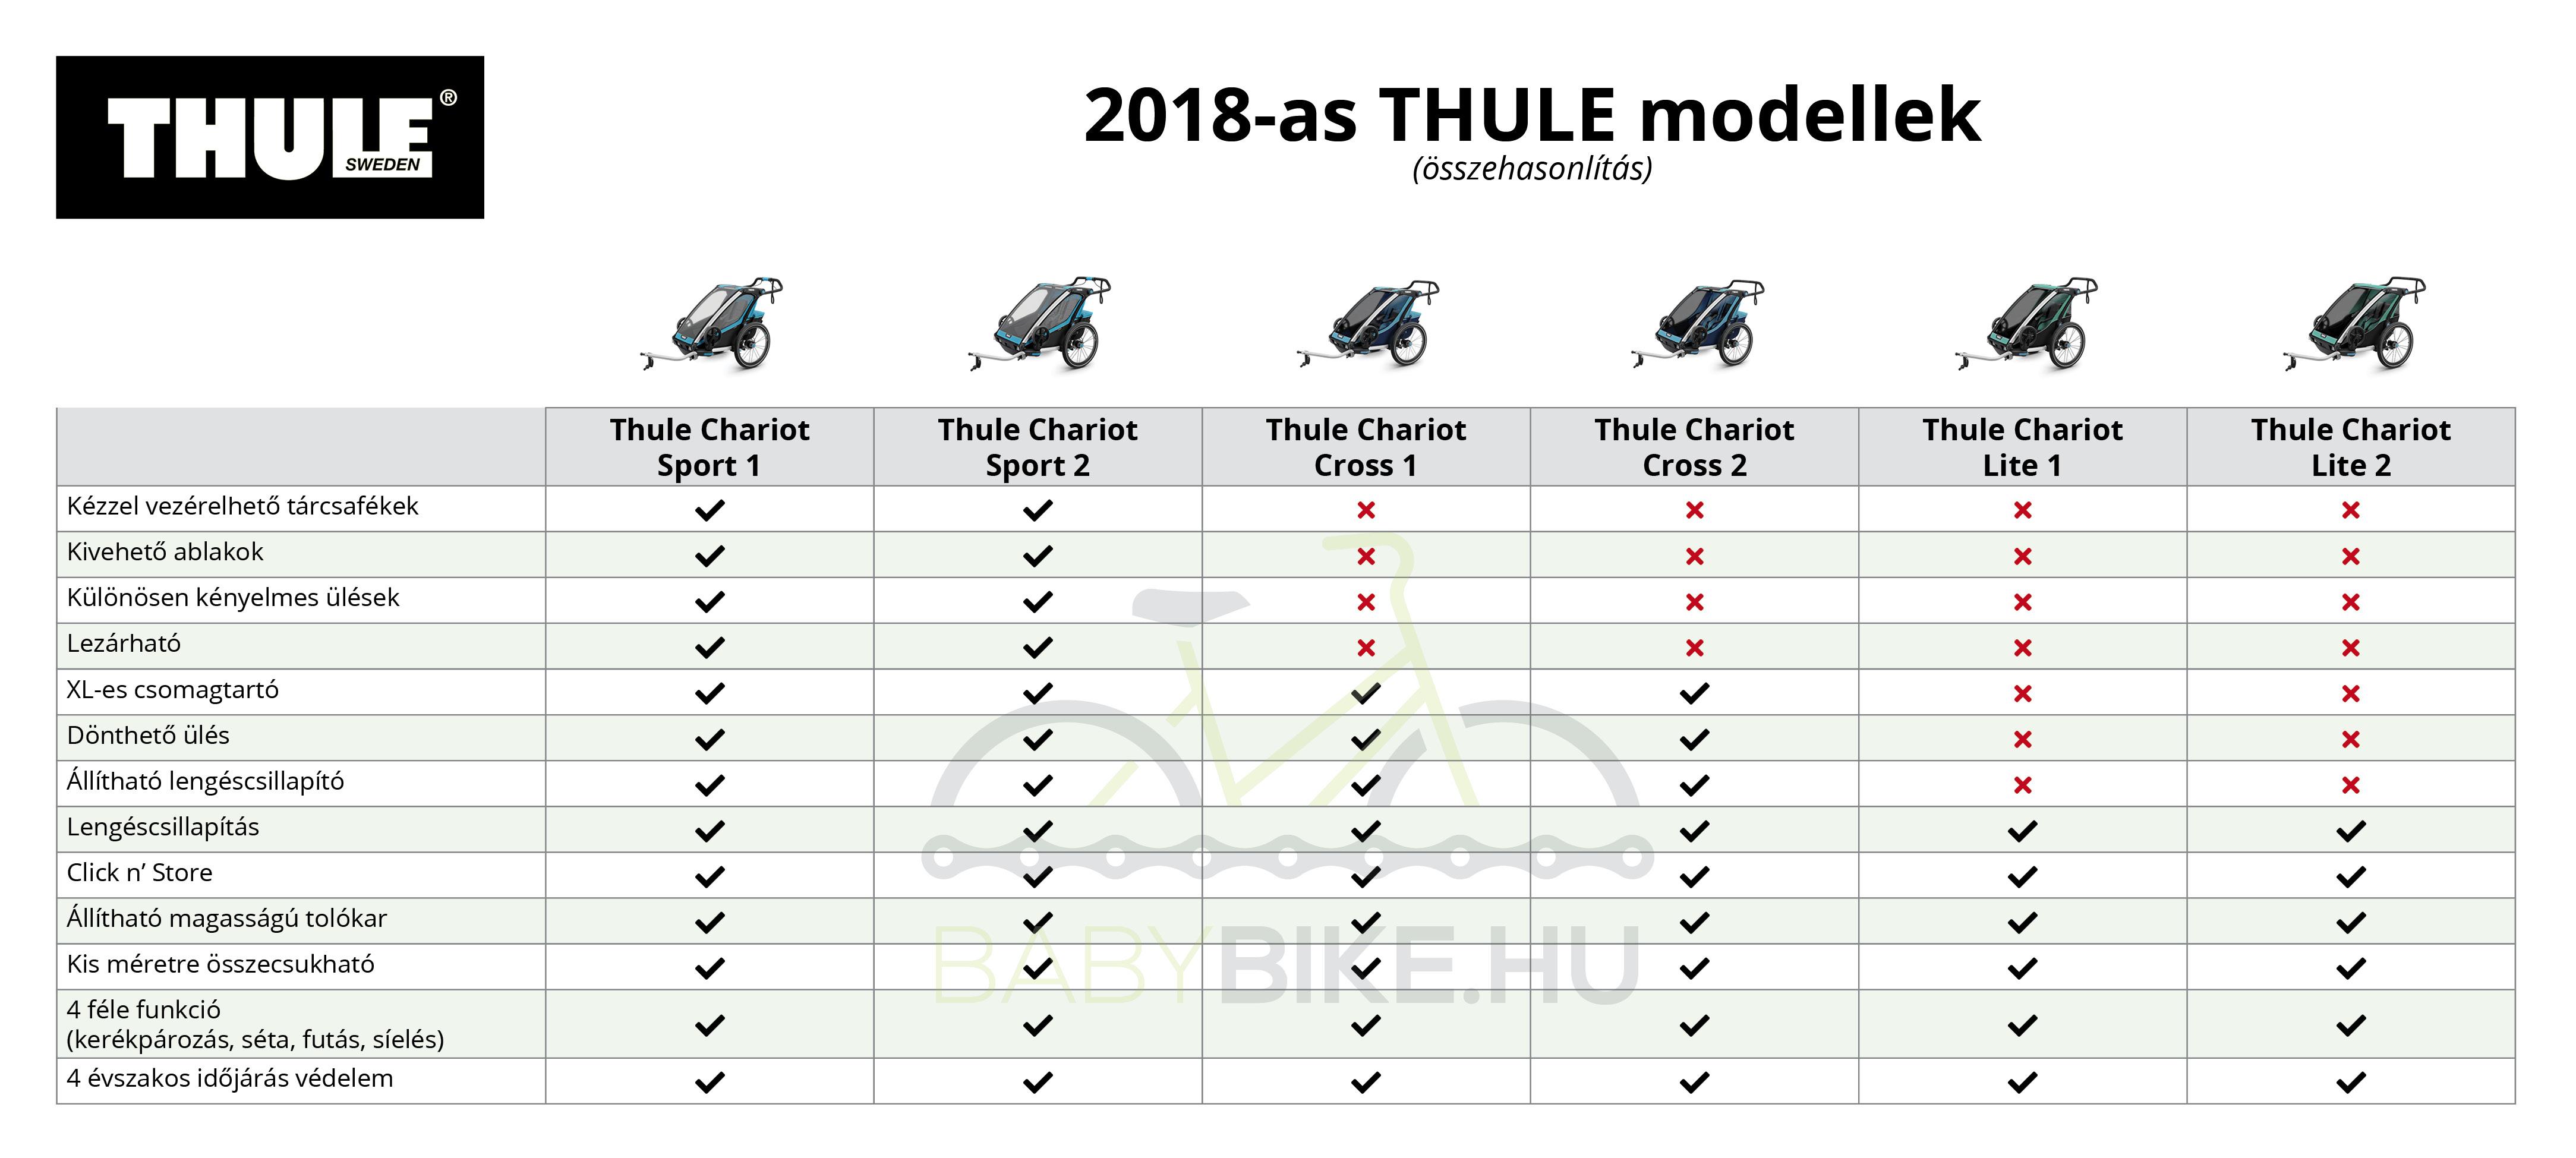 Thule utánfutó összehasonlító táblázat 2